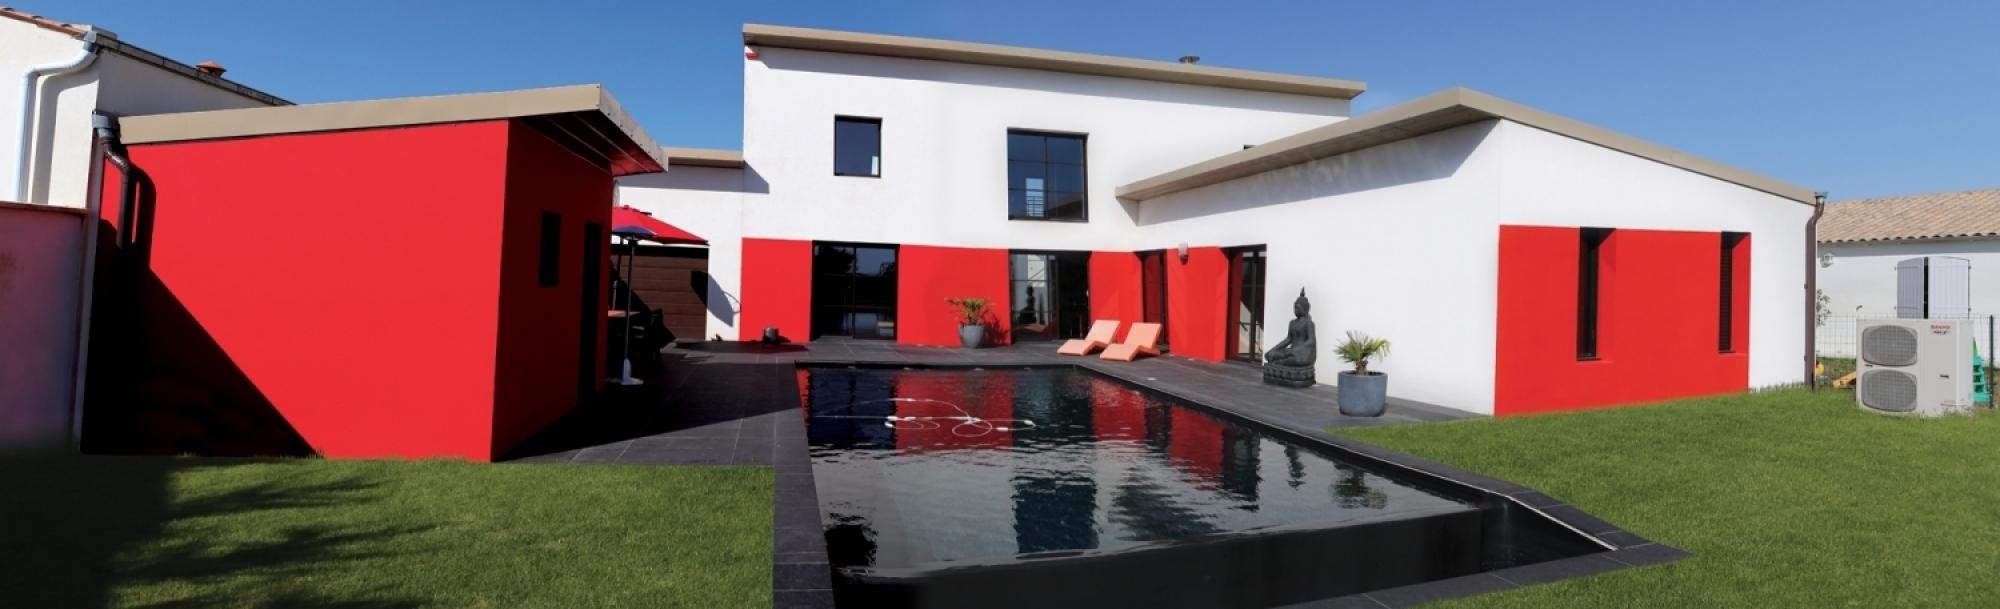 maison moderne la rochelle